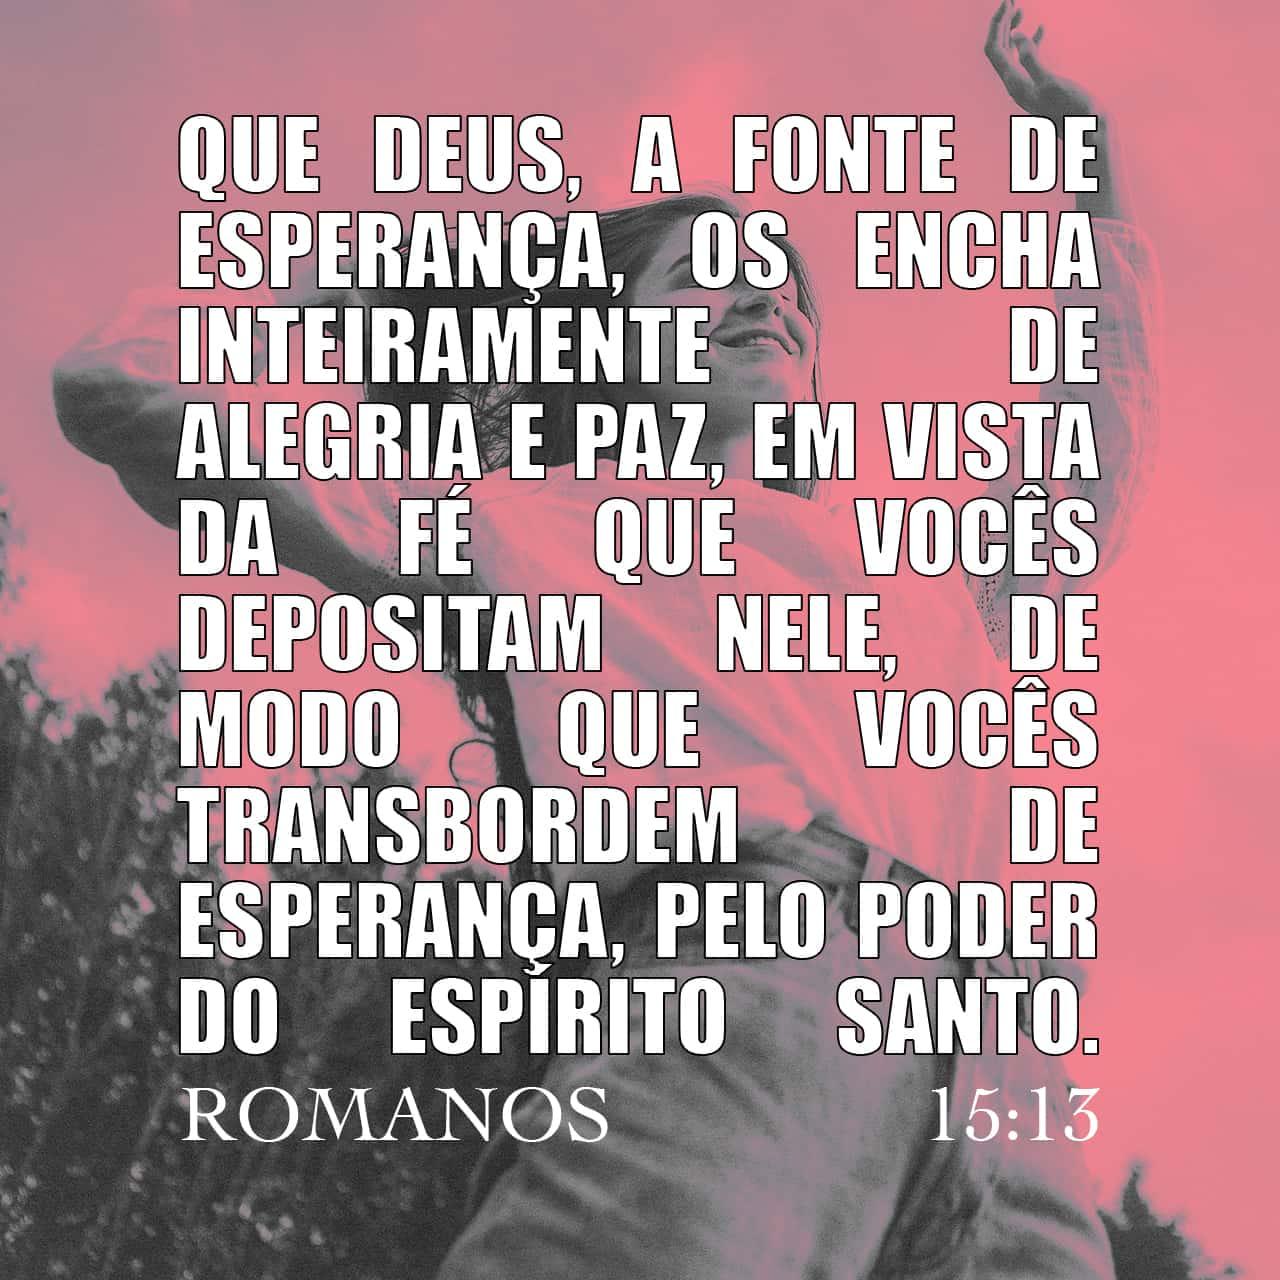 Que Deus, que nos dá essa esperança, encha vocês de alegria e de paz, por meio da fé que vocês têm nele, a fim de que a esperança de vocês aumente pelo poder do Espírito Santo! - Romanos 15:13 - Imagem do Versículo